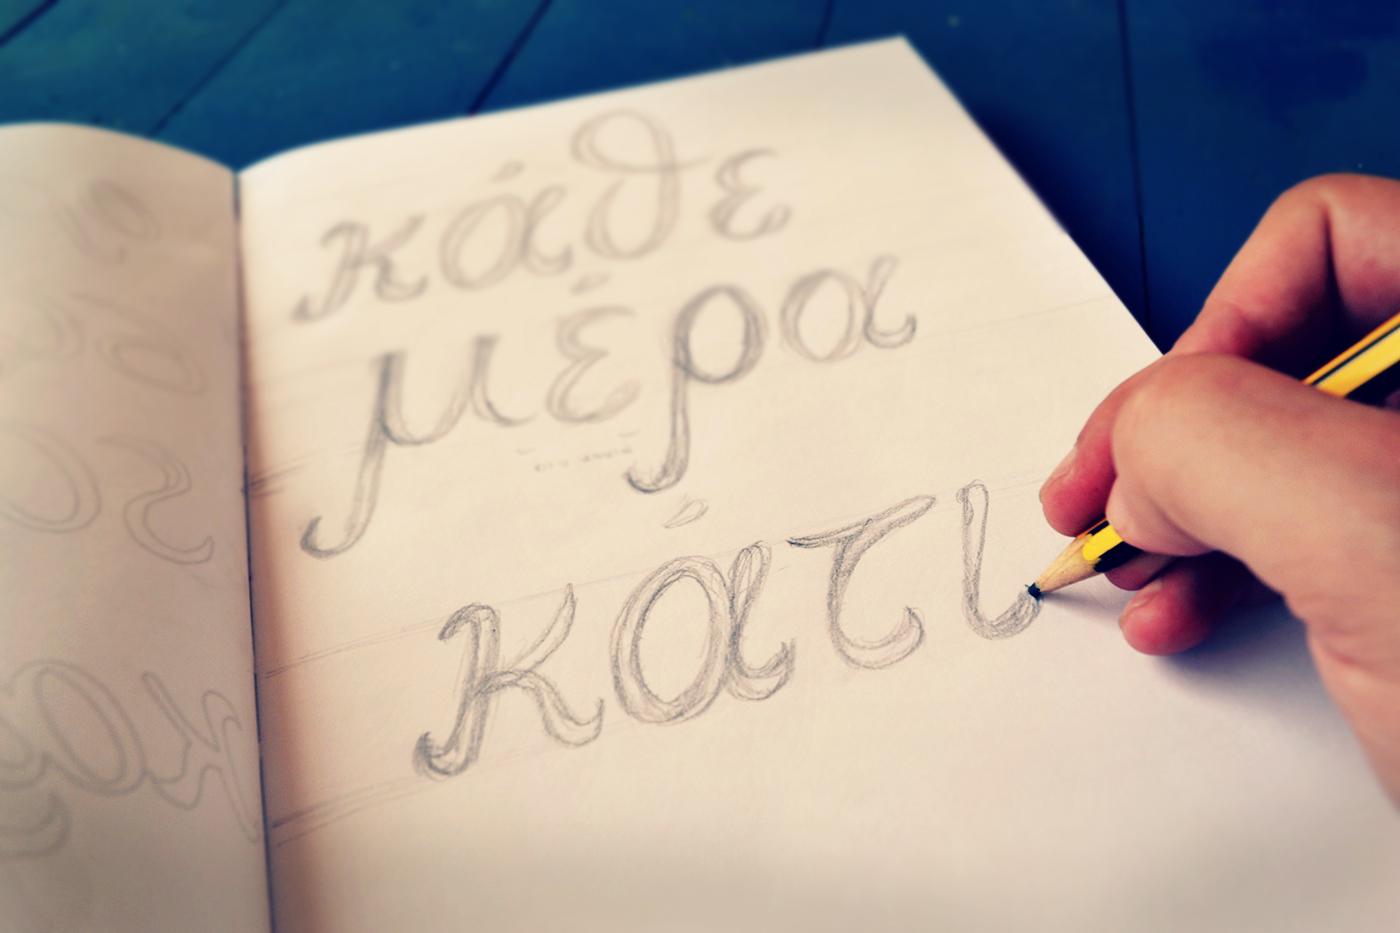 Κάθε μέρα κάτι άλλο / Εvery day something else